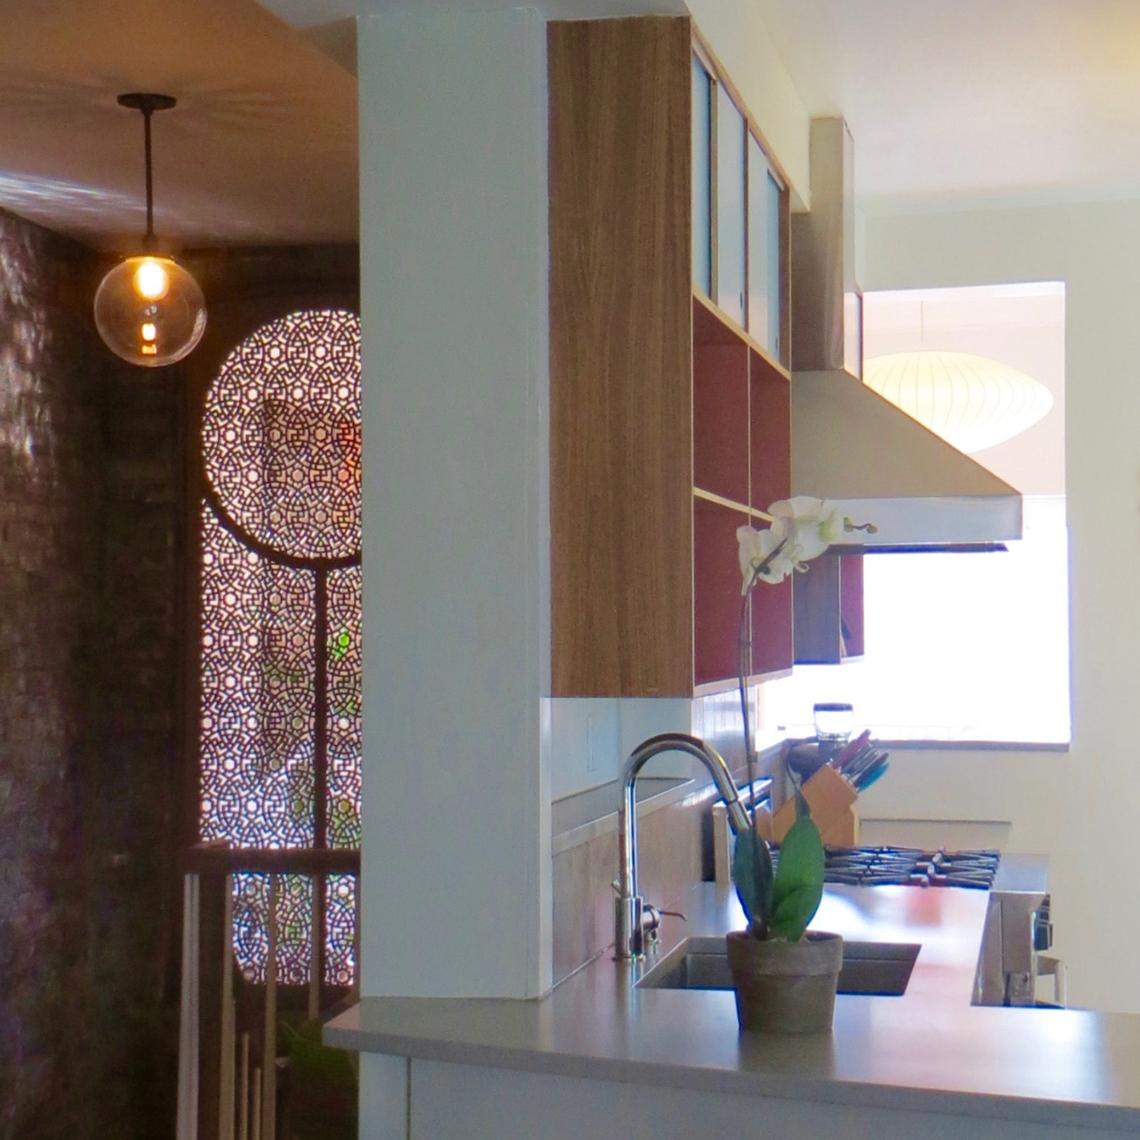 mr-kitchen-1-sml.jpg